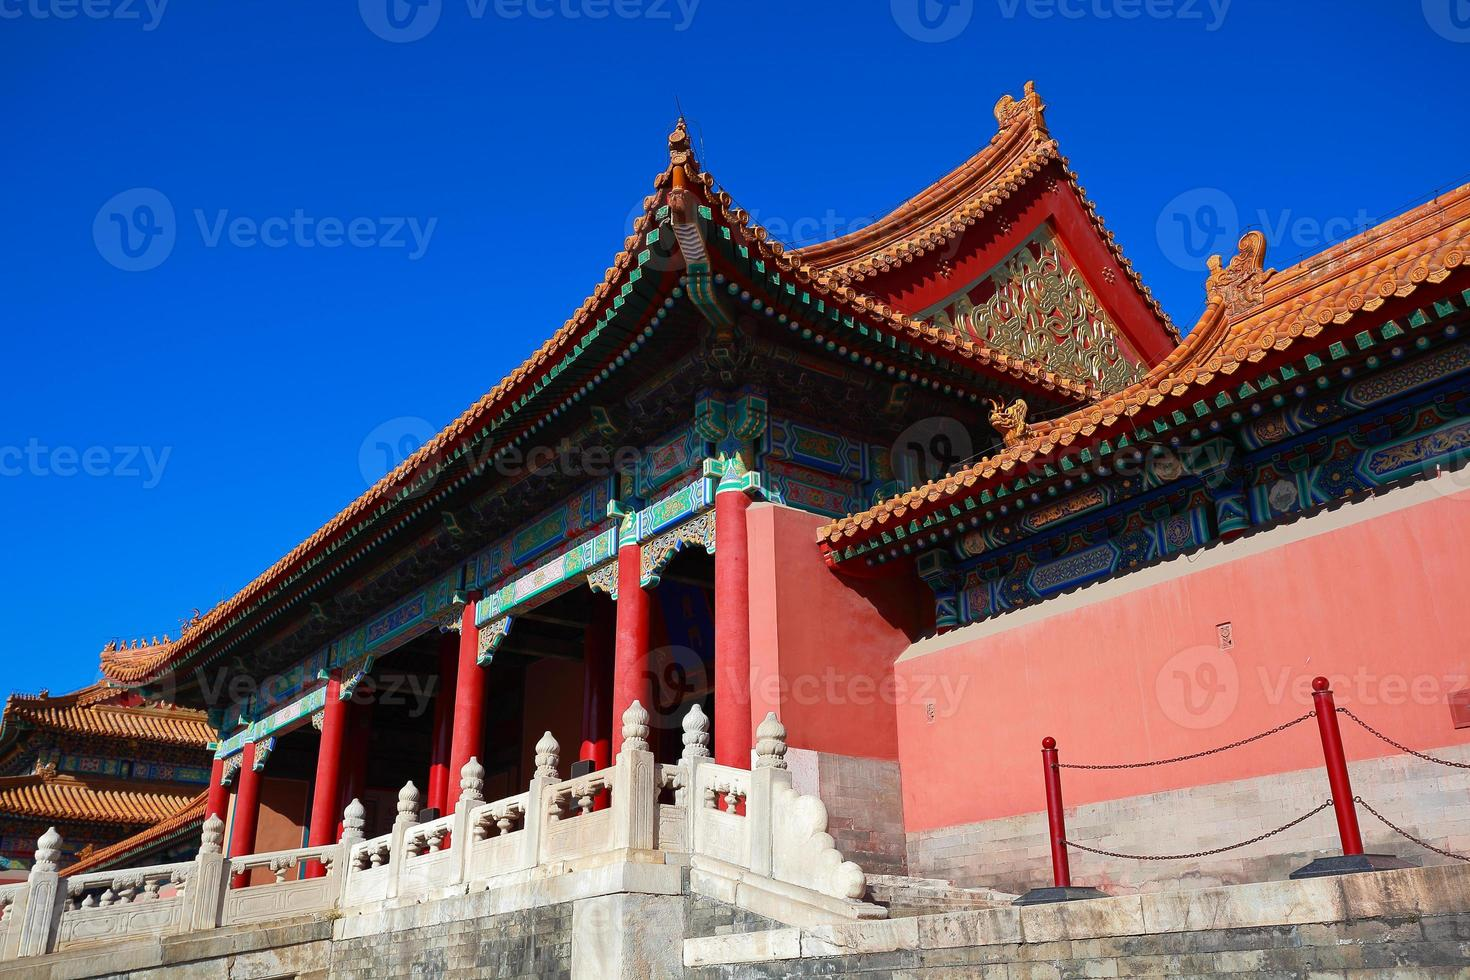 Verbotene Stadt in Peking China foto